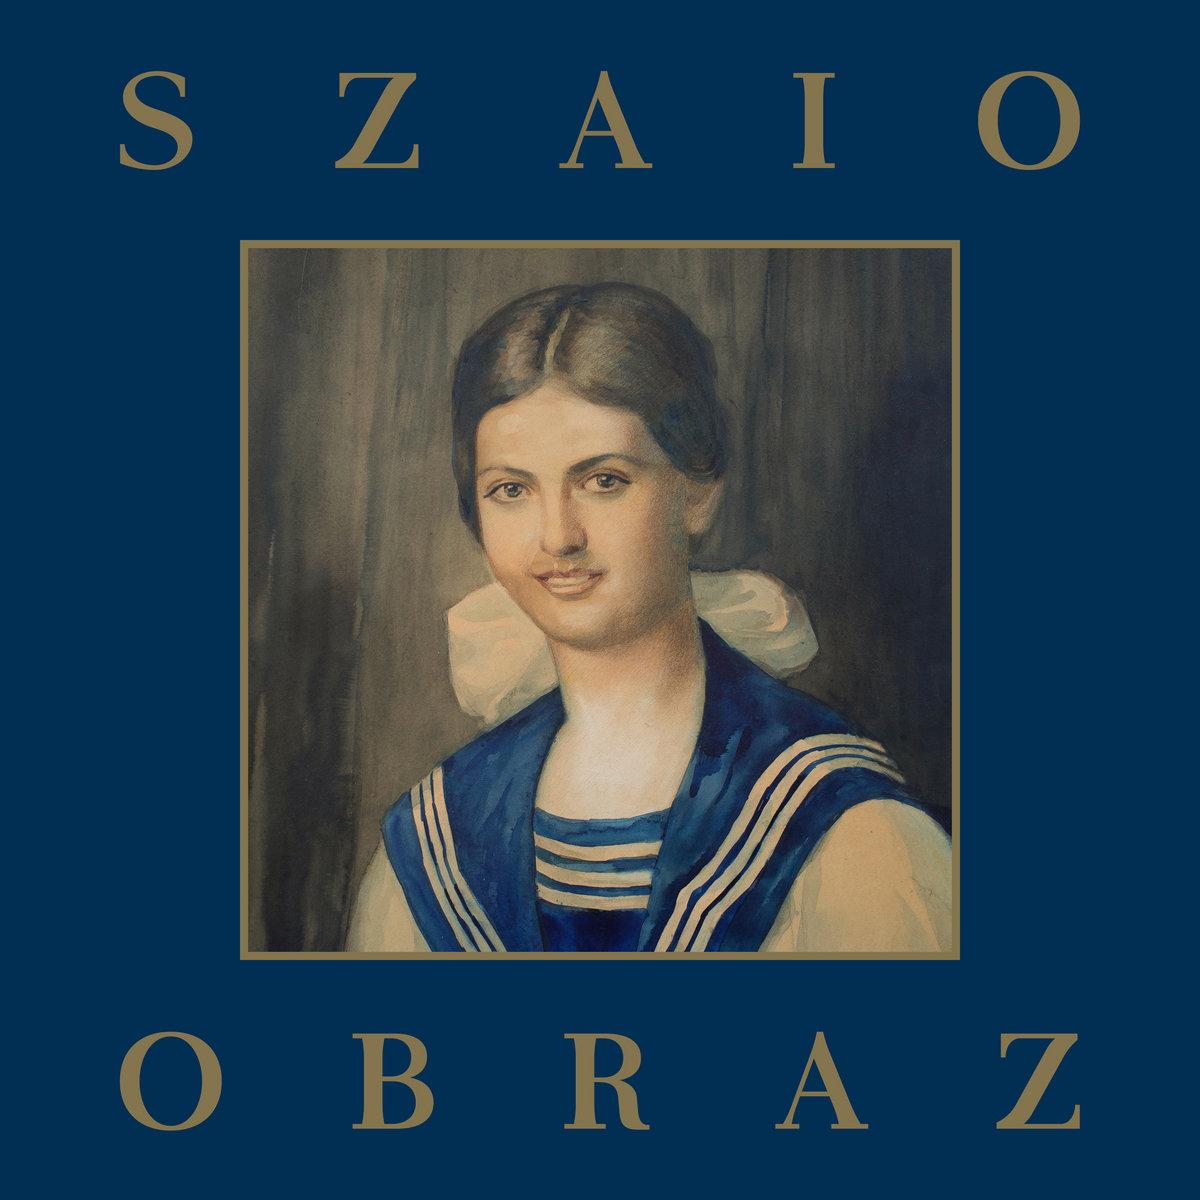 Szaio - Obraz (EP, 2021)